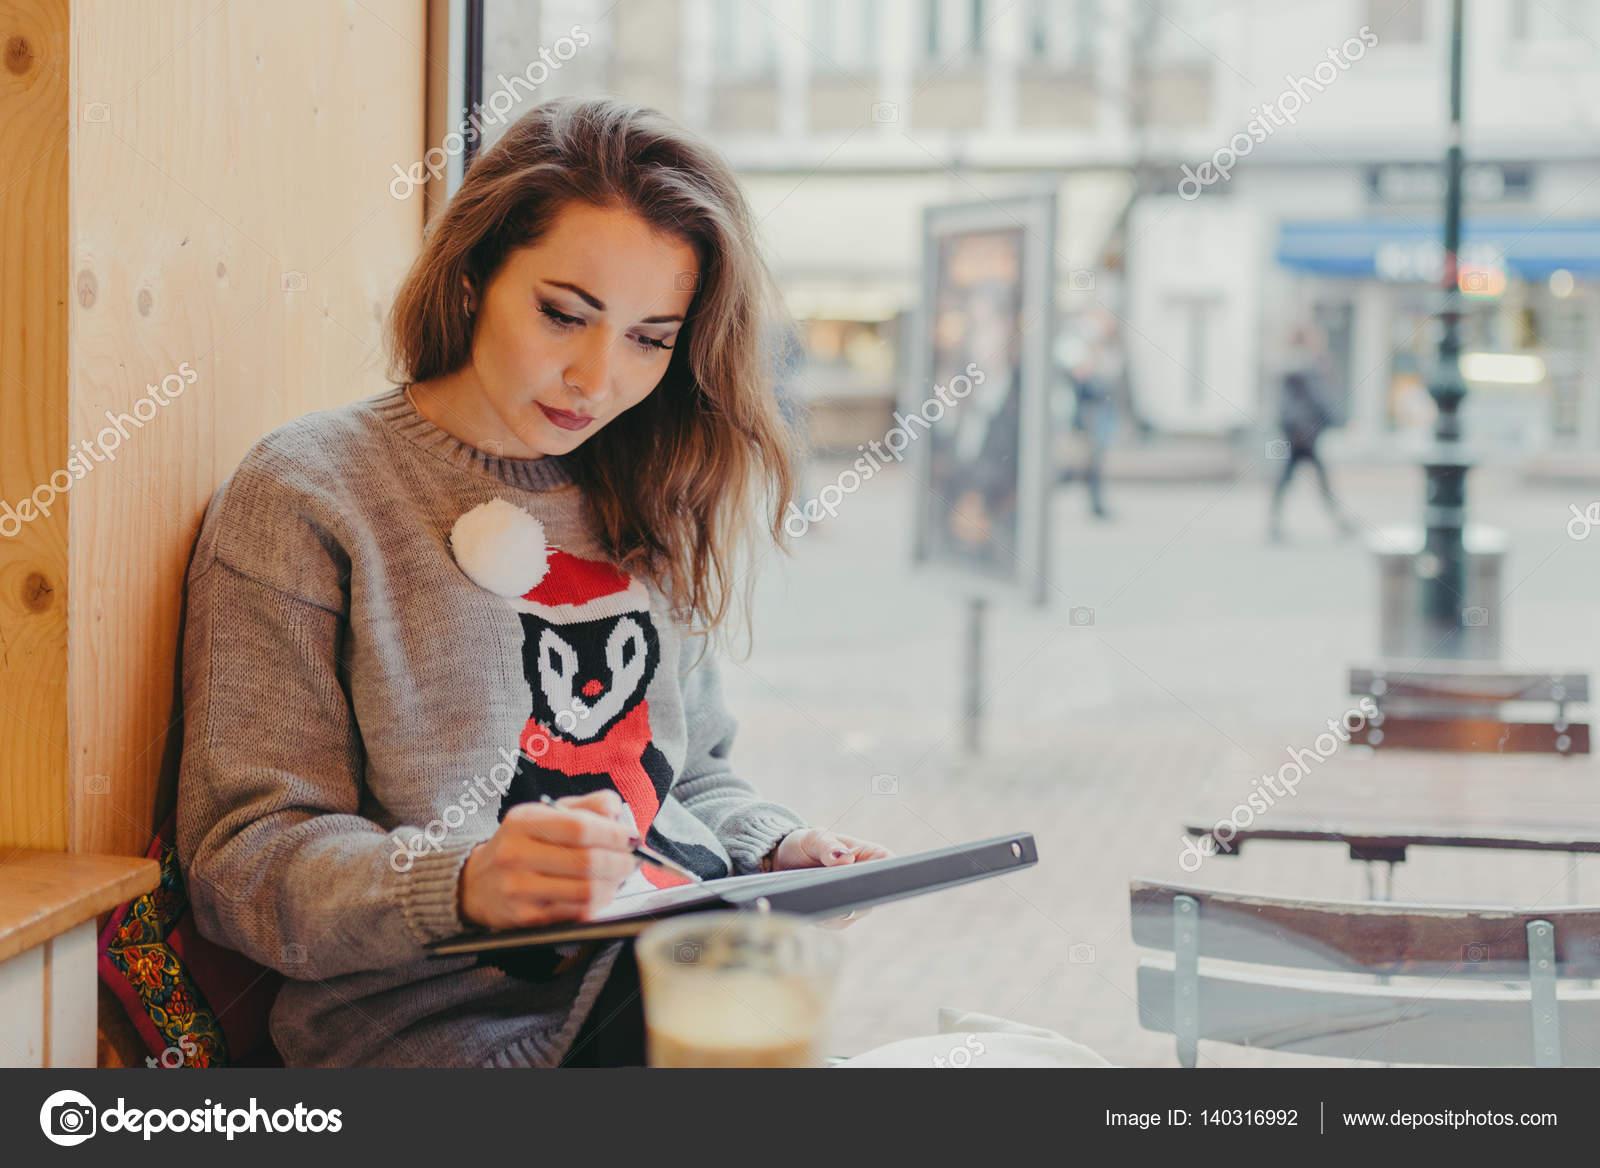 Schone Madchen Zeichnen Mit Bleistift Im Cafe Stockfoto C Smanyuk